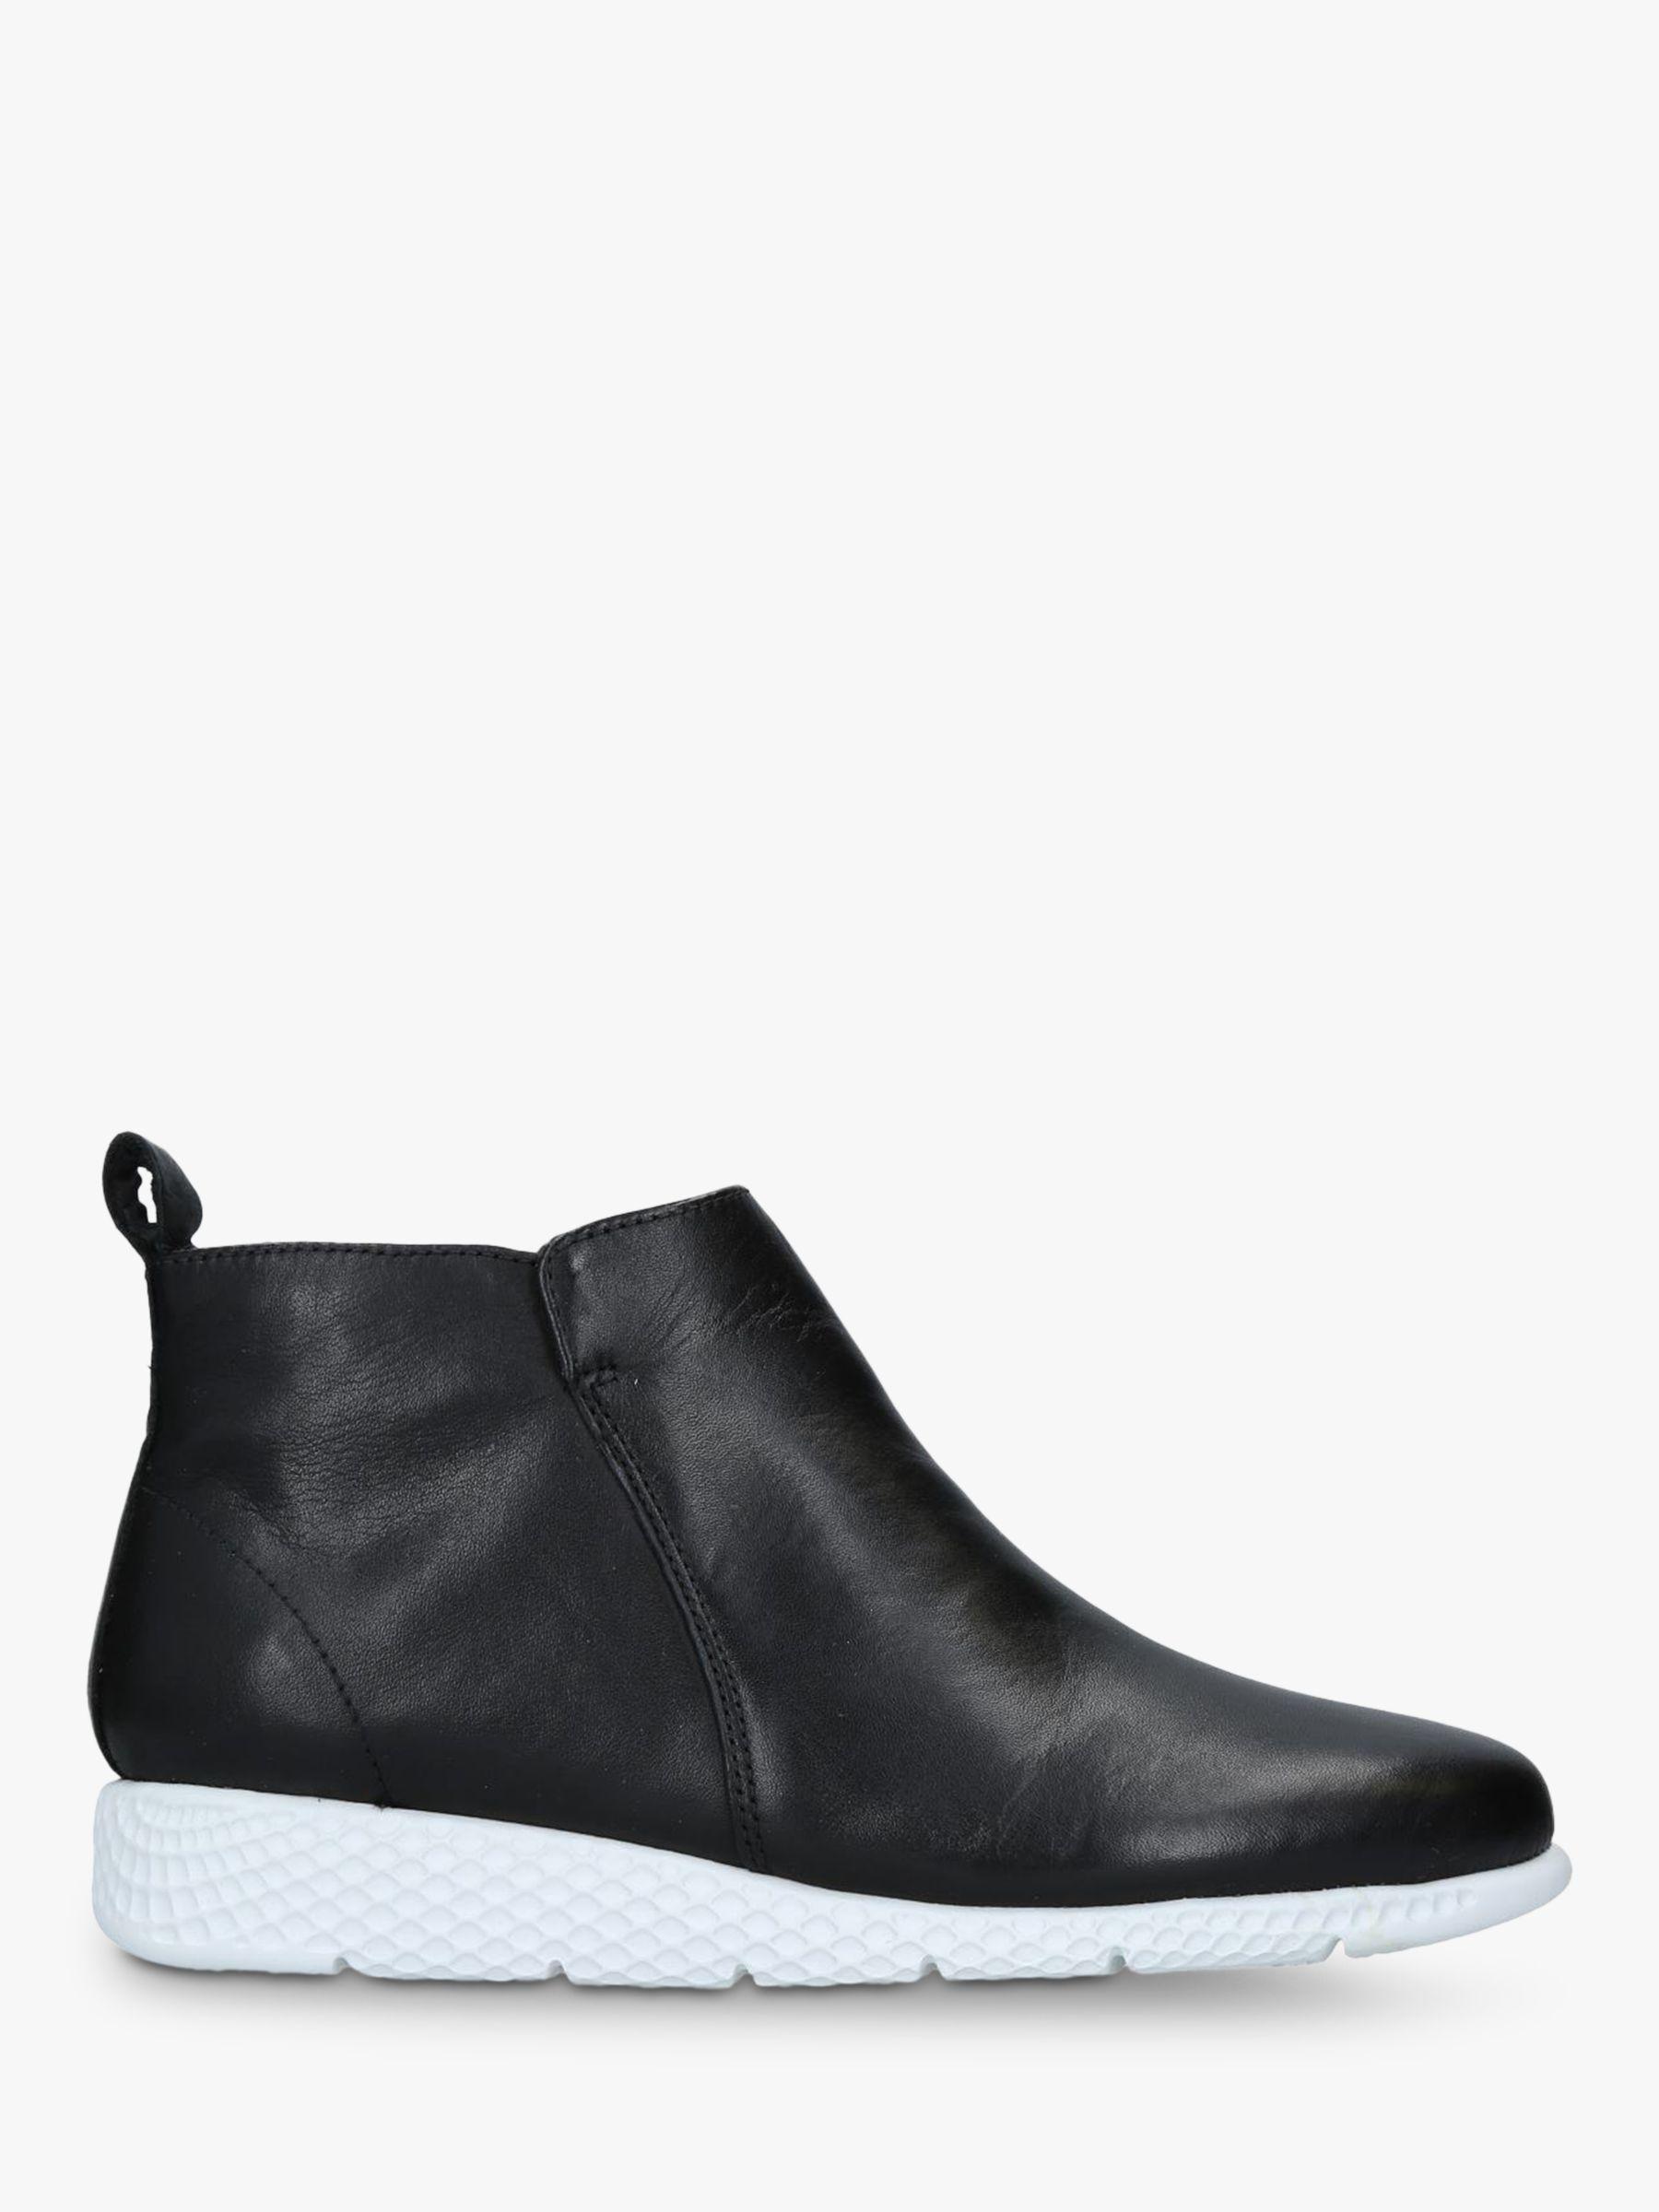 Carvela Comfort Carvela Comfort Cooper Shoes, Black Leather